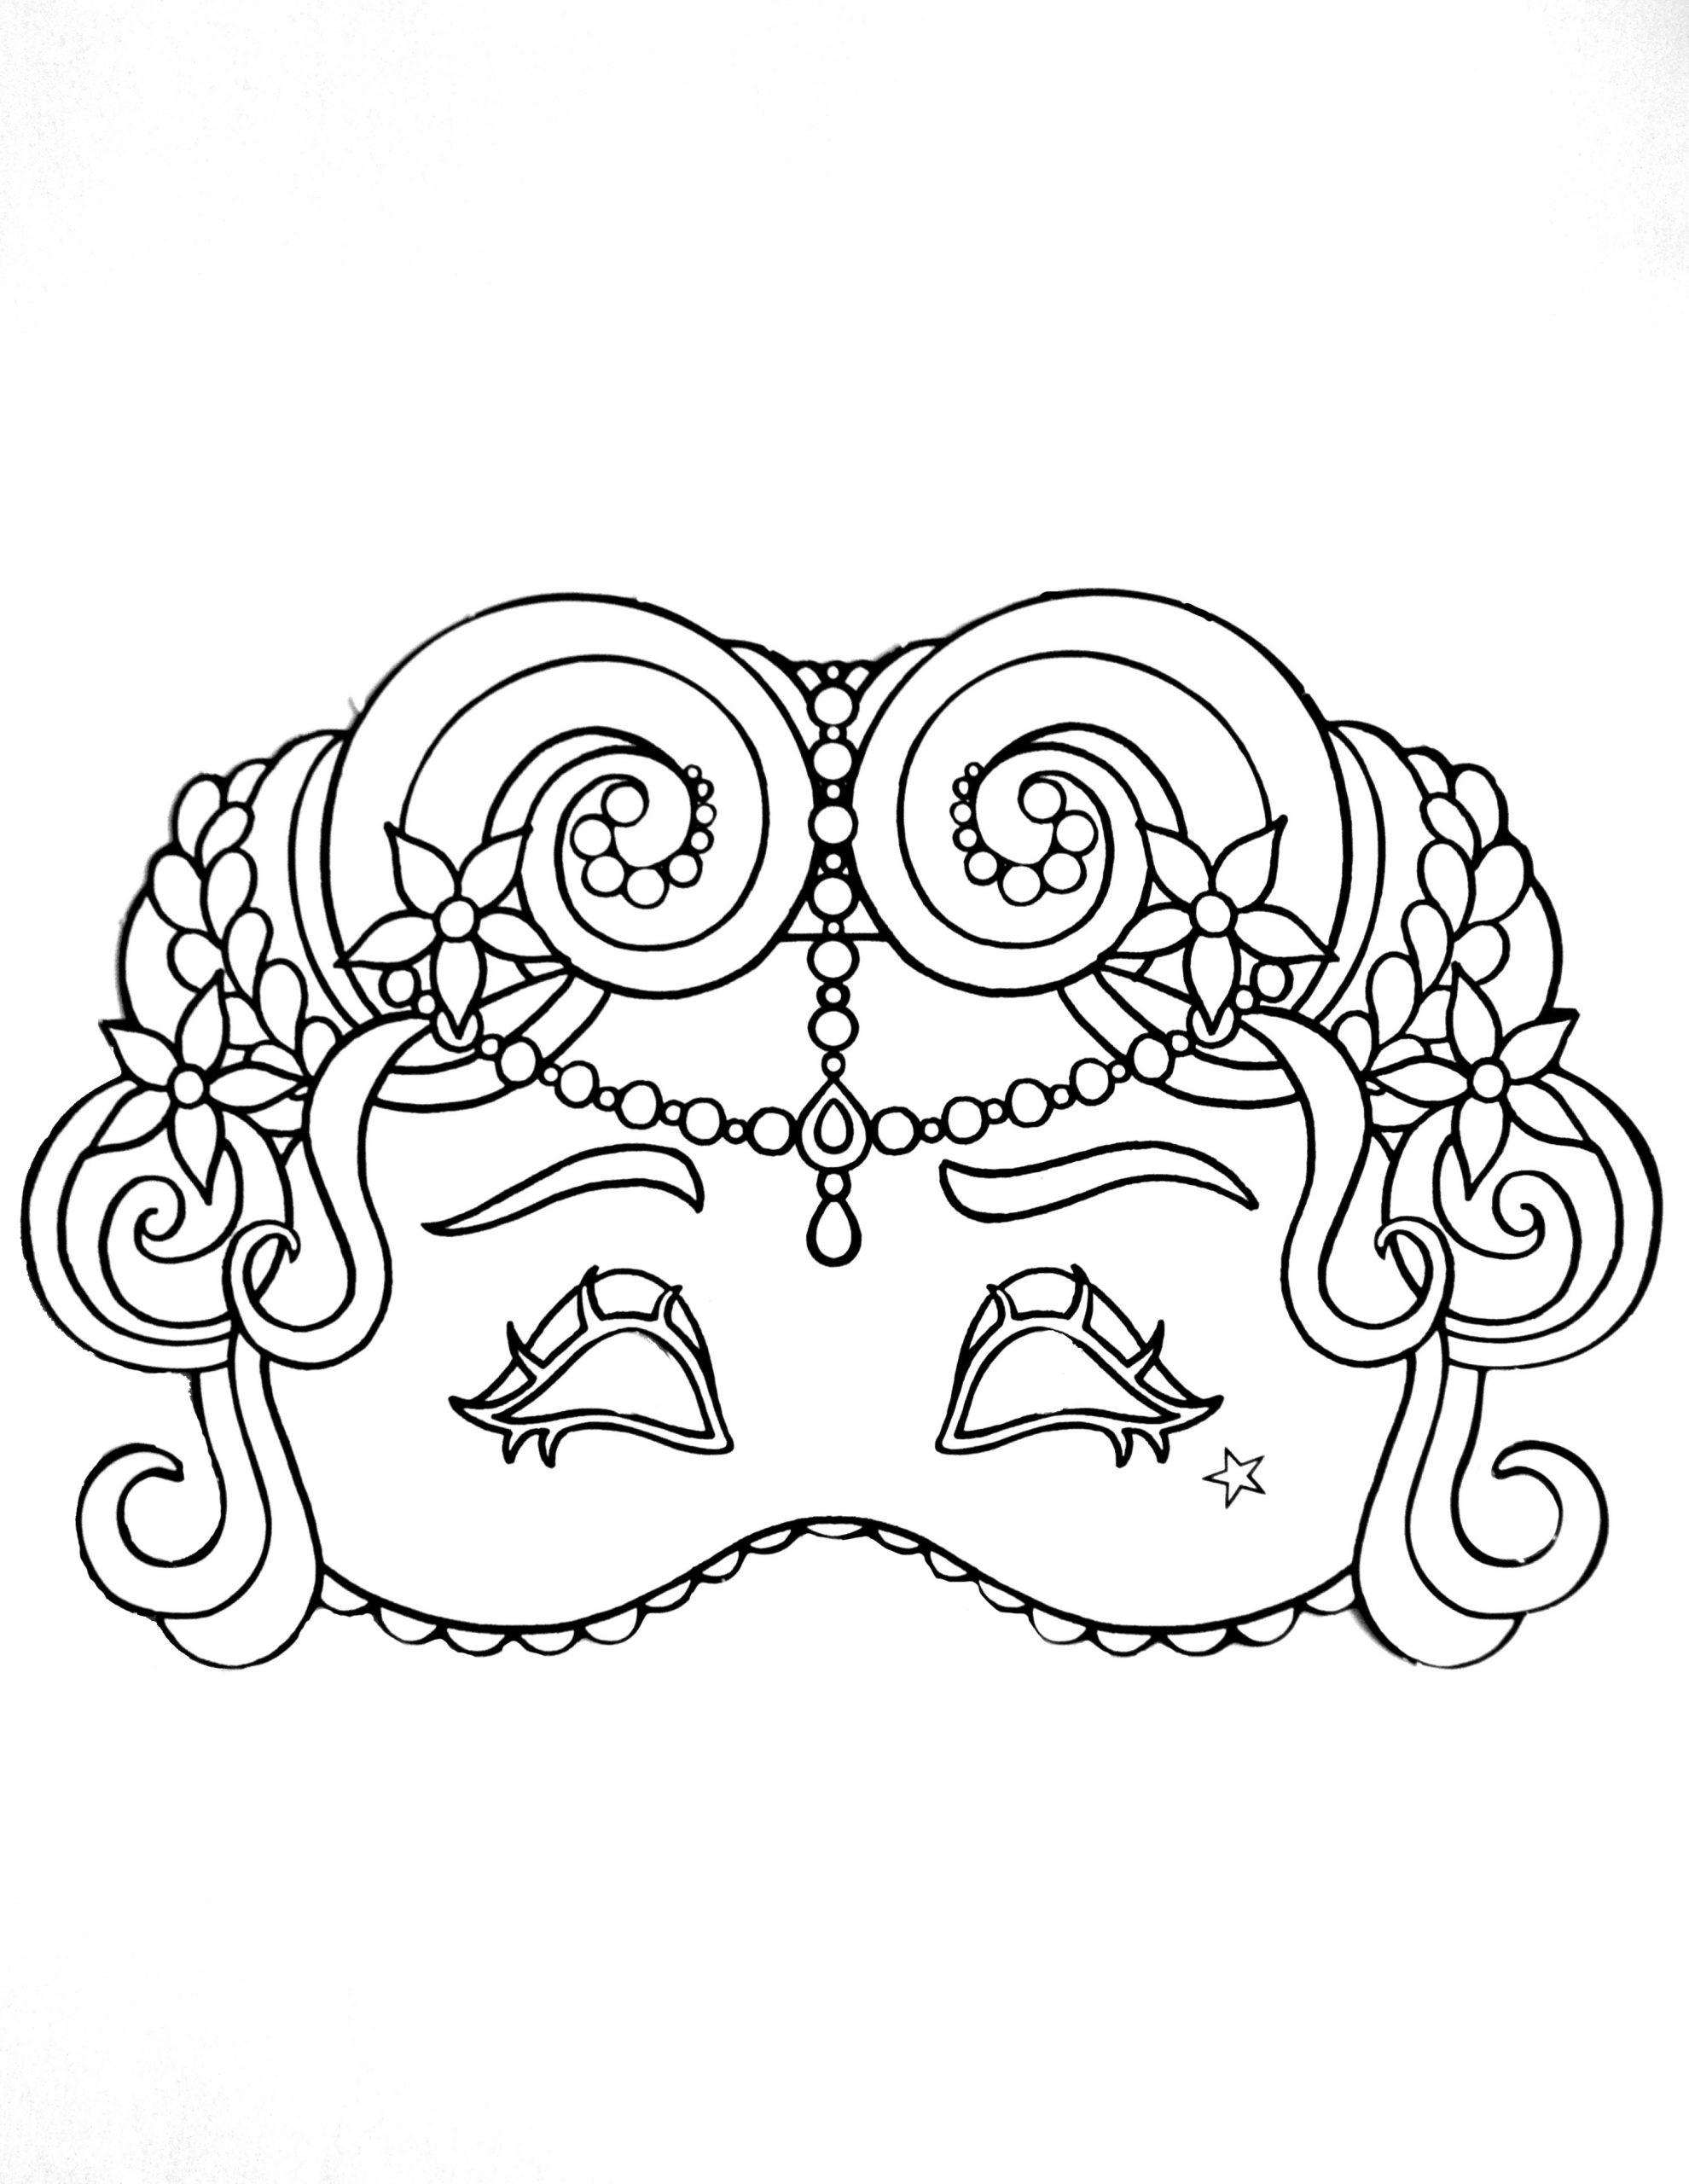 Elégant Masque De Carnaval - Coloriage De Masques encequiconcerne Masque Enfant A Colorier